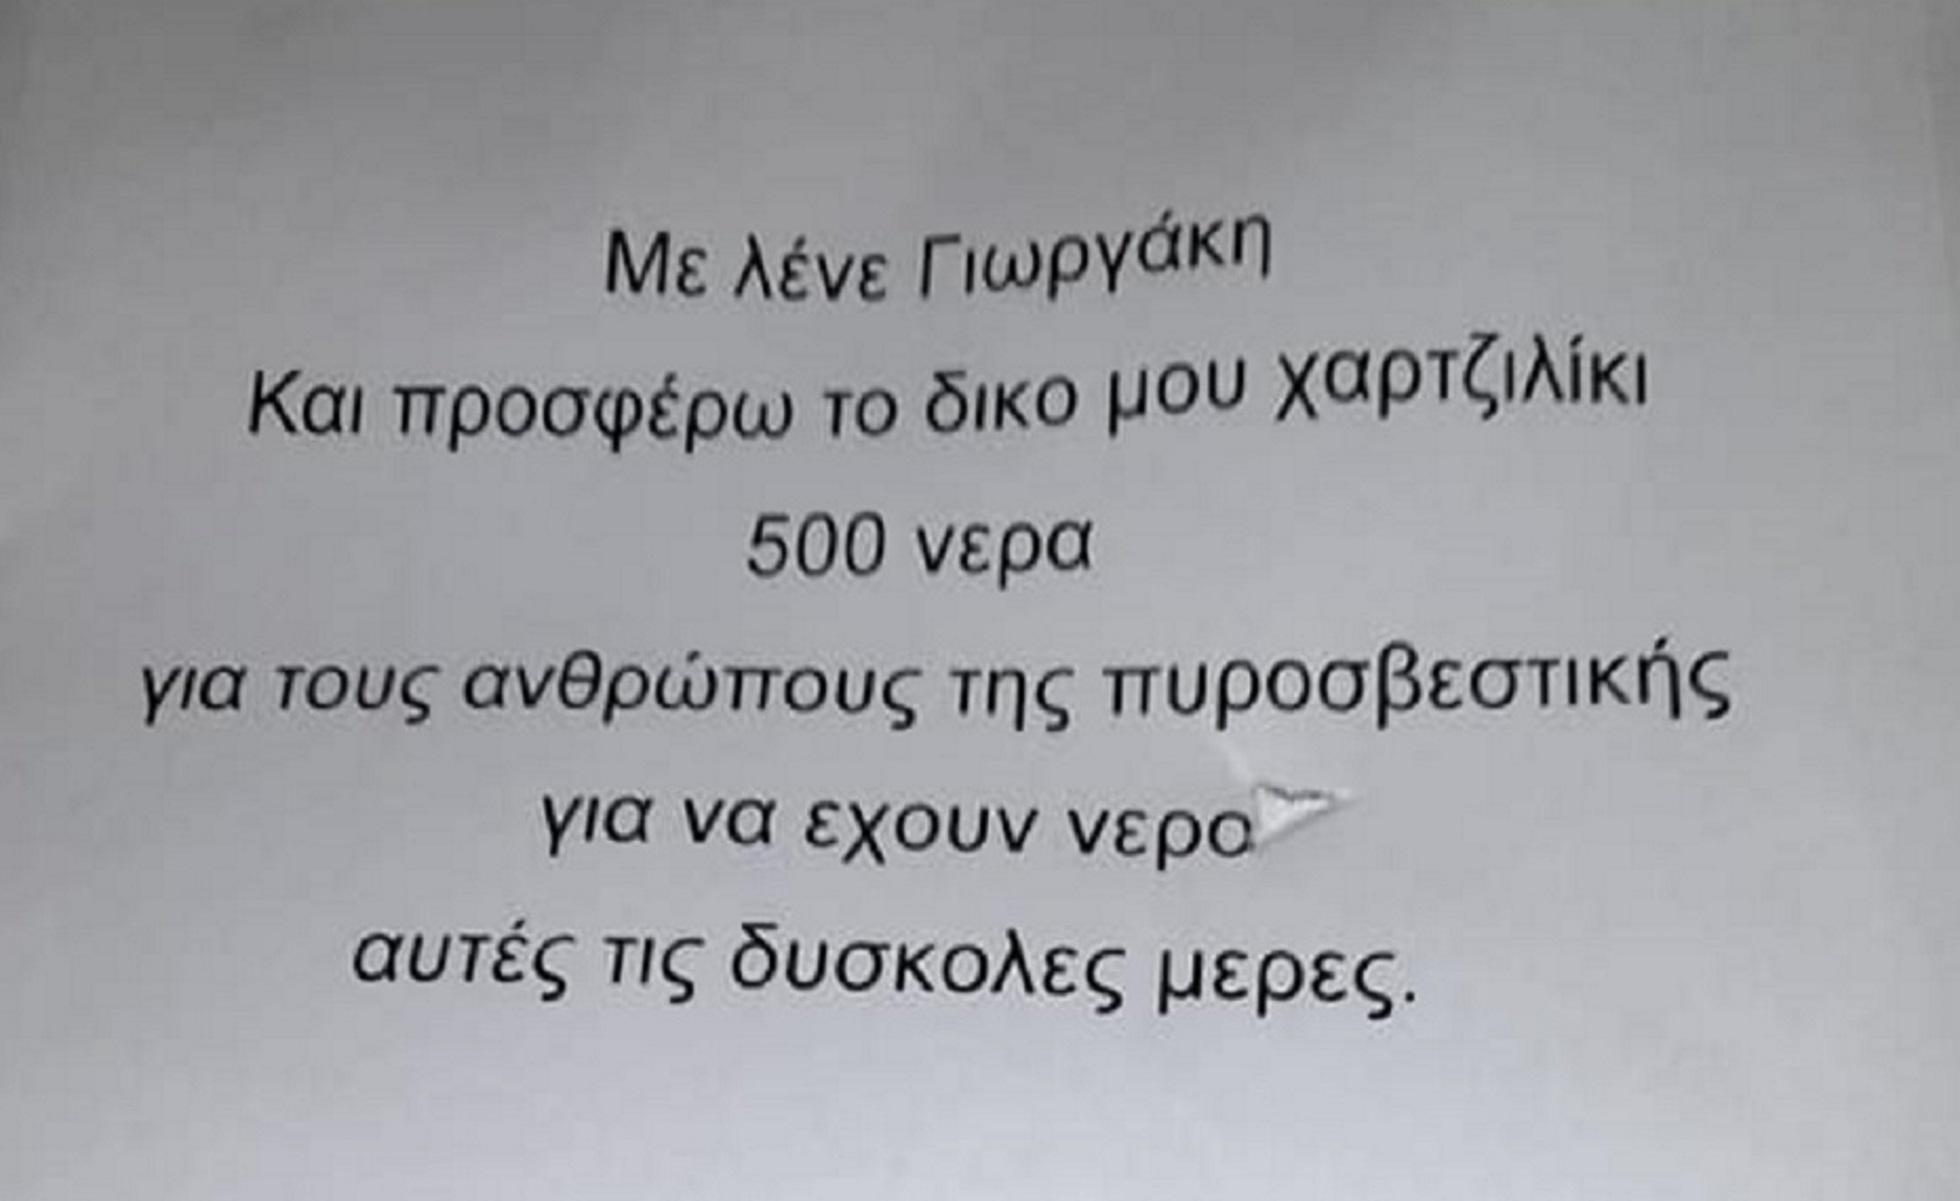 Γρεβενά: Ανήλικος έδωσε το χαρτζιλίκι του στους πυροσβέστες που έσβηναν τις φωτιές